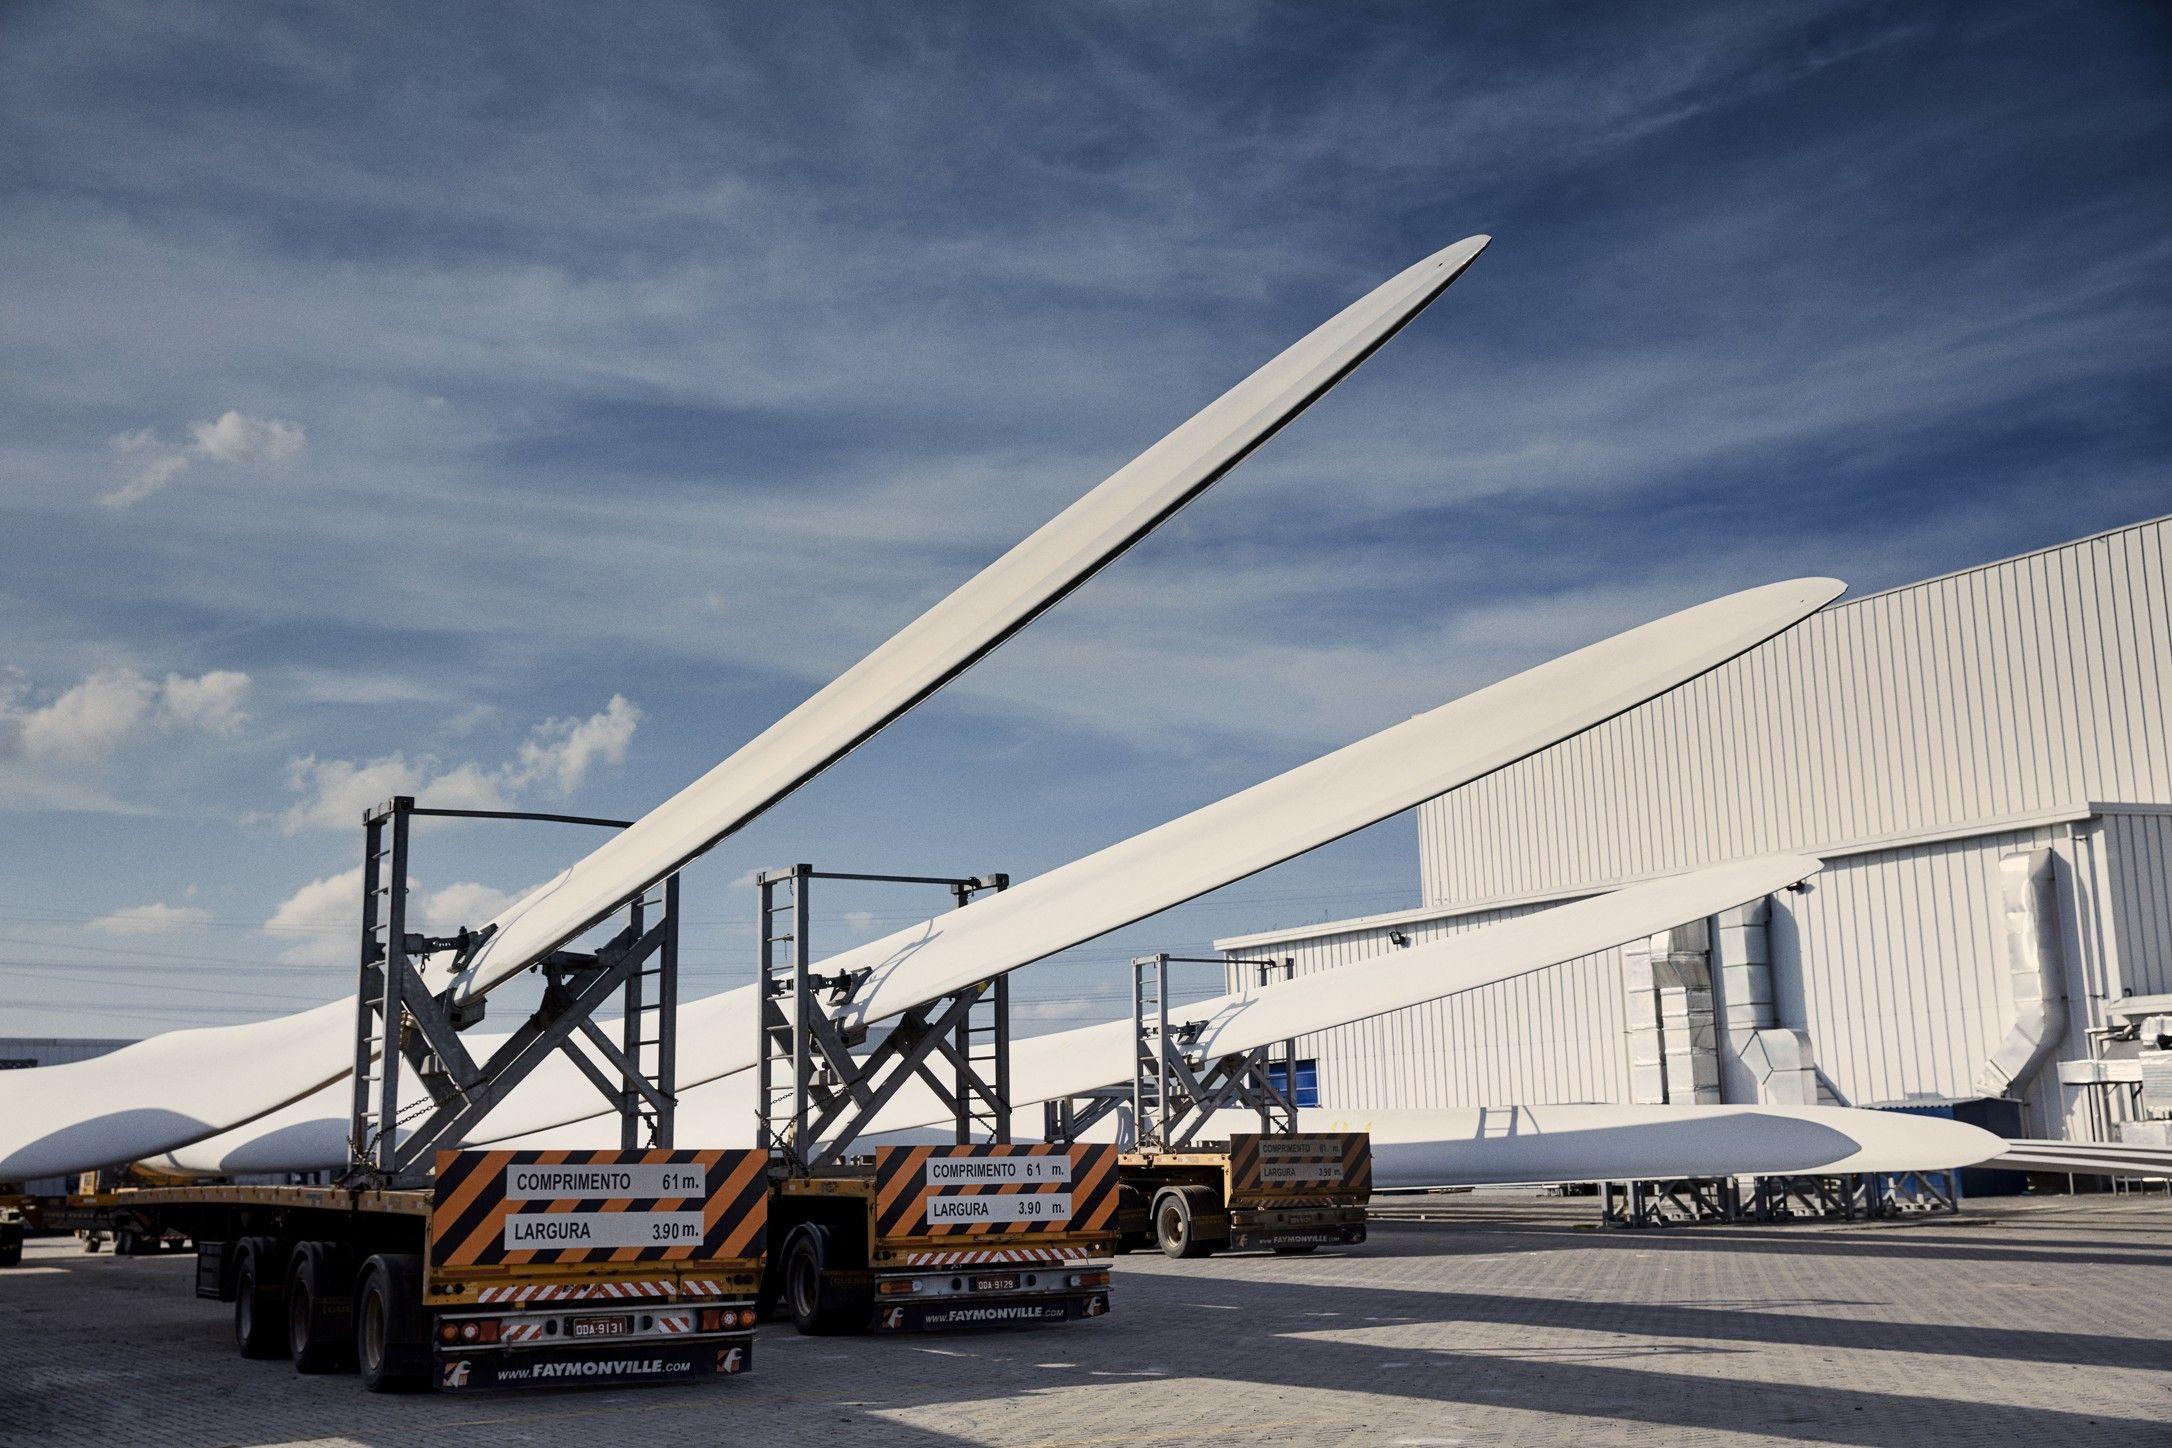 Porto de pecém - Aeris energy - pás eólicas